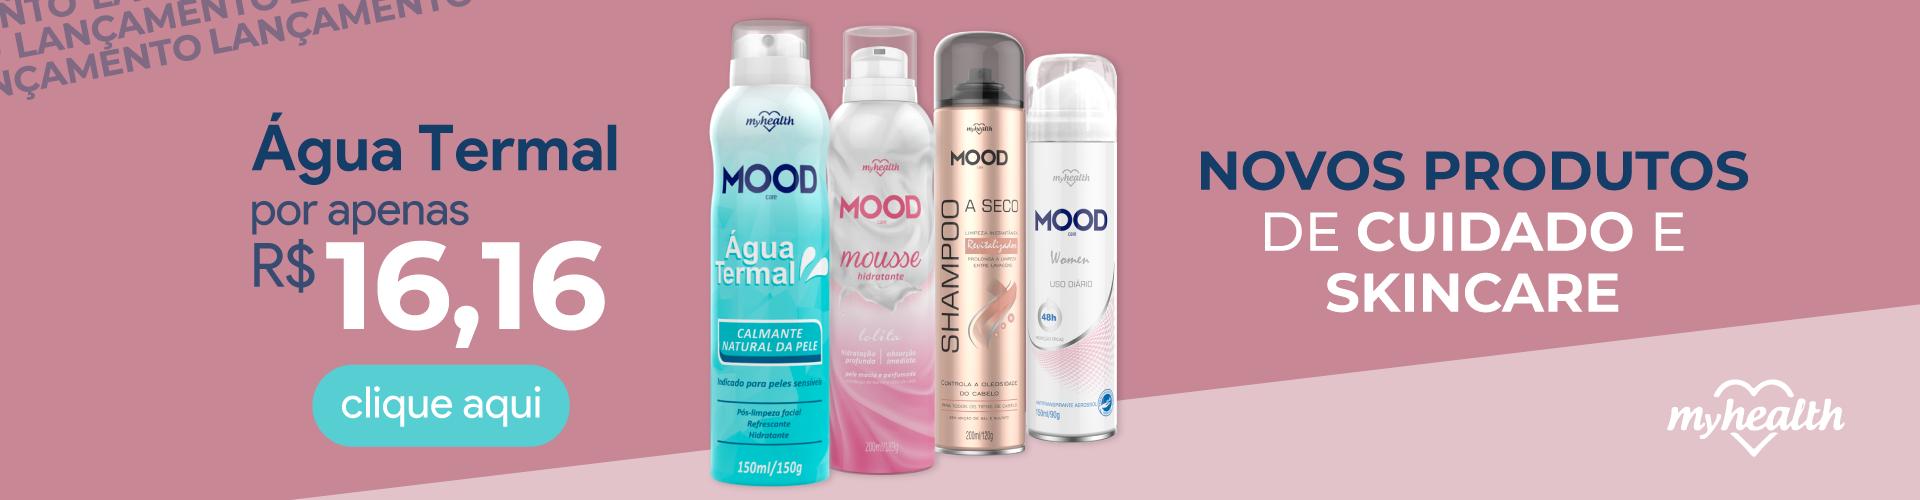 Água Termal e novos produtos de cuidados com a pele e skincare.